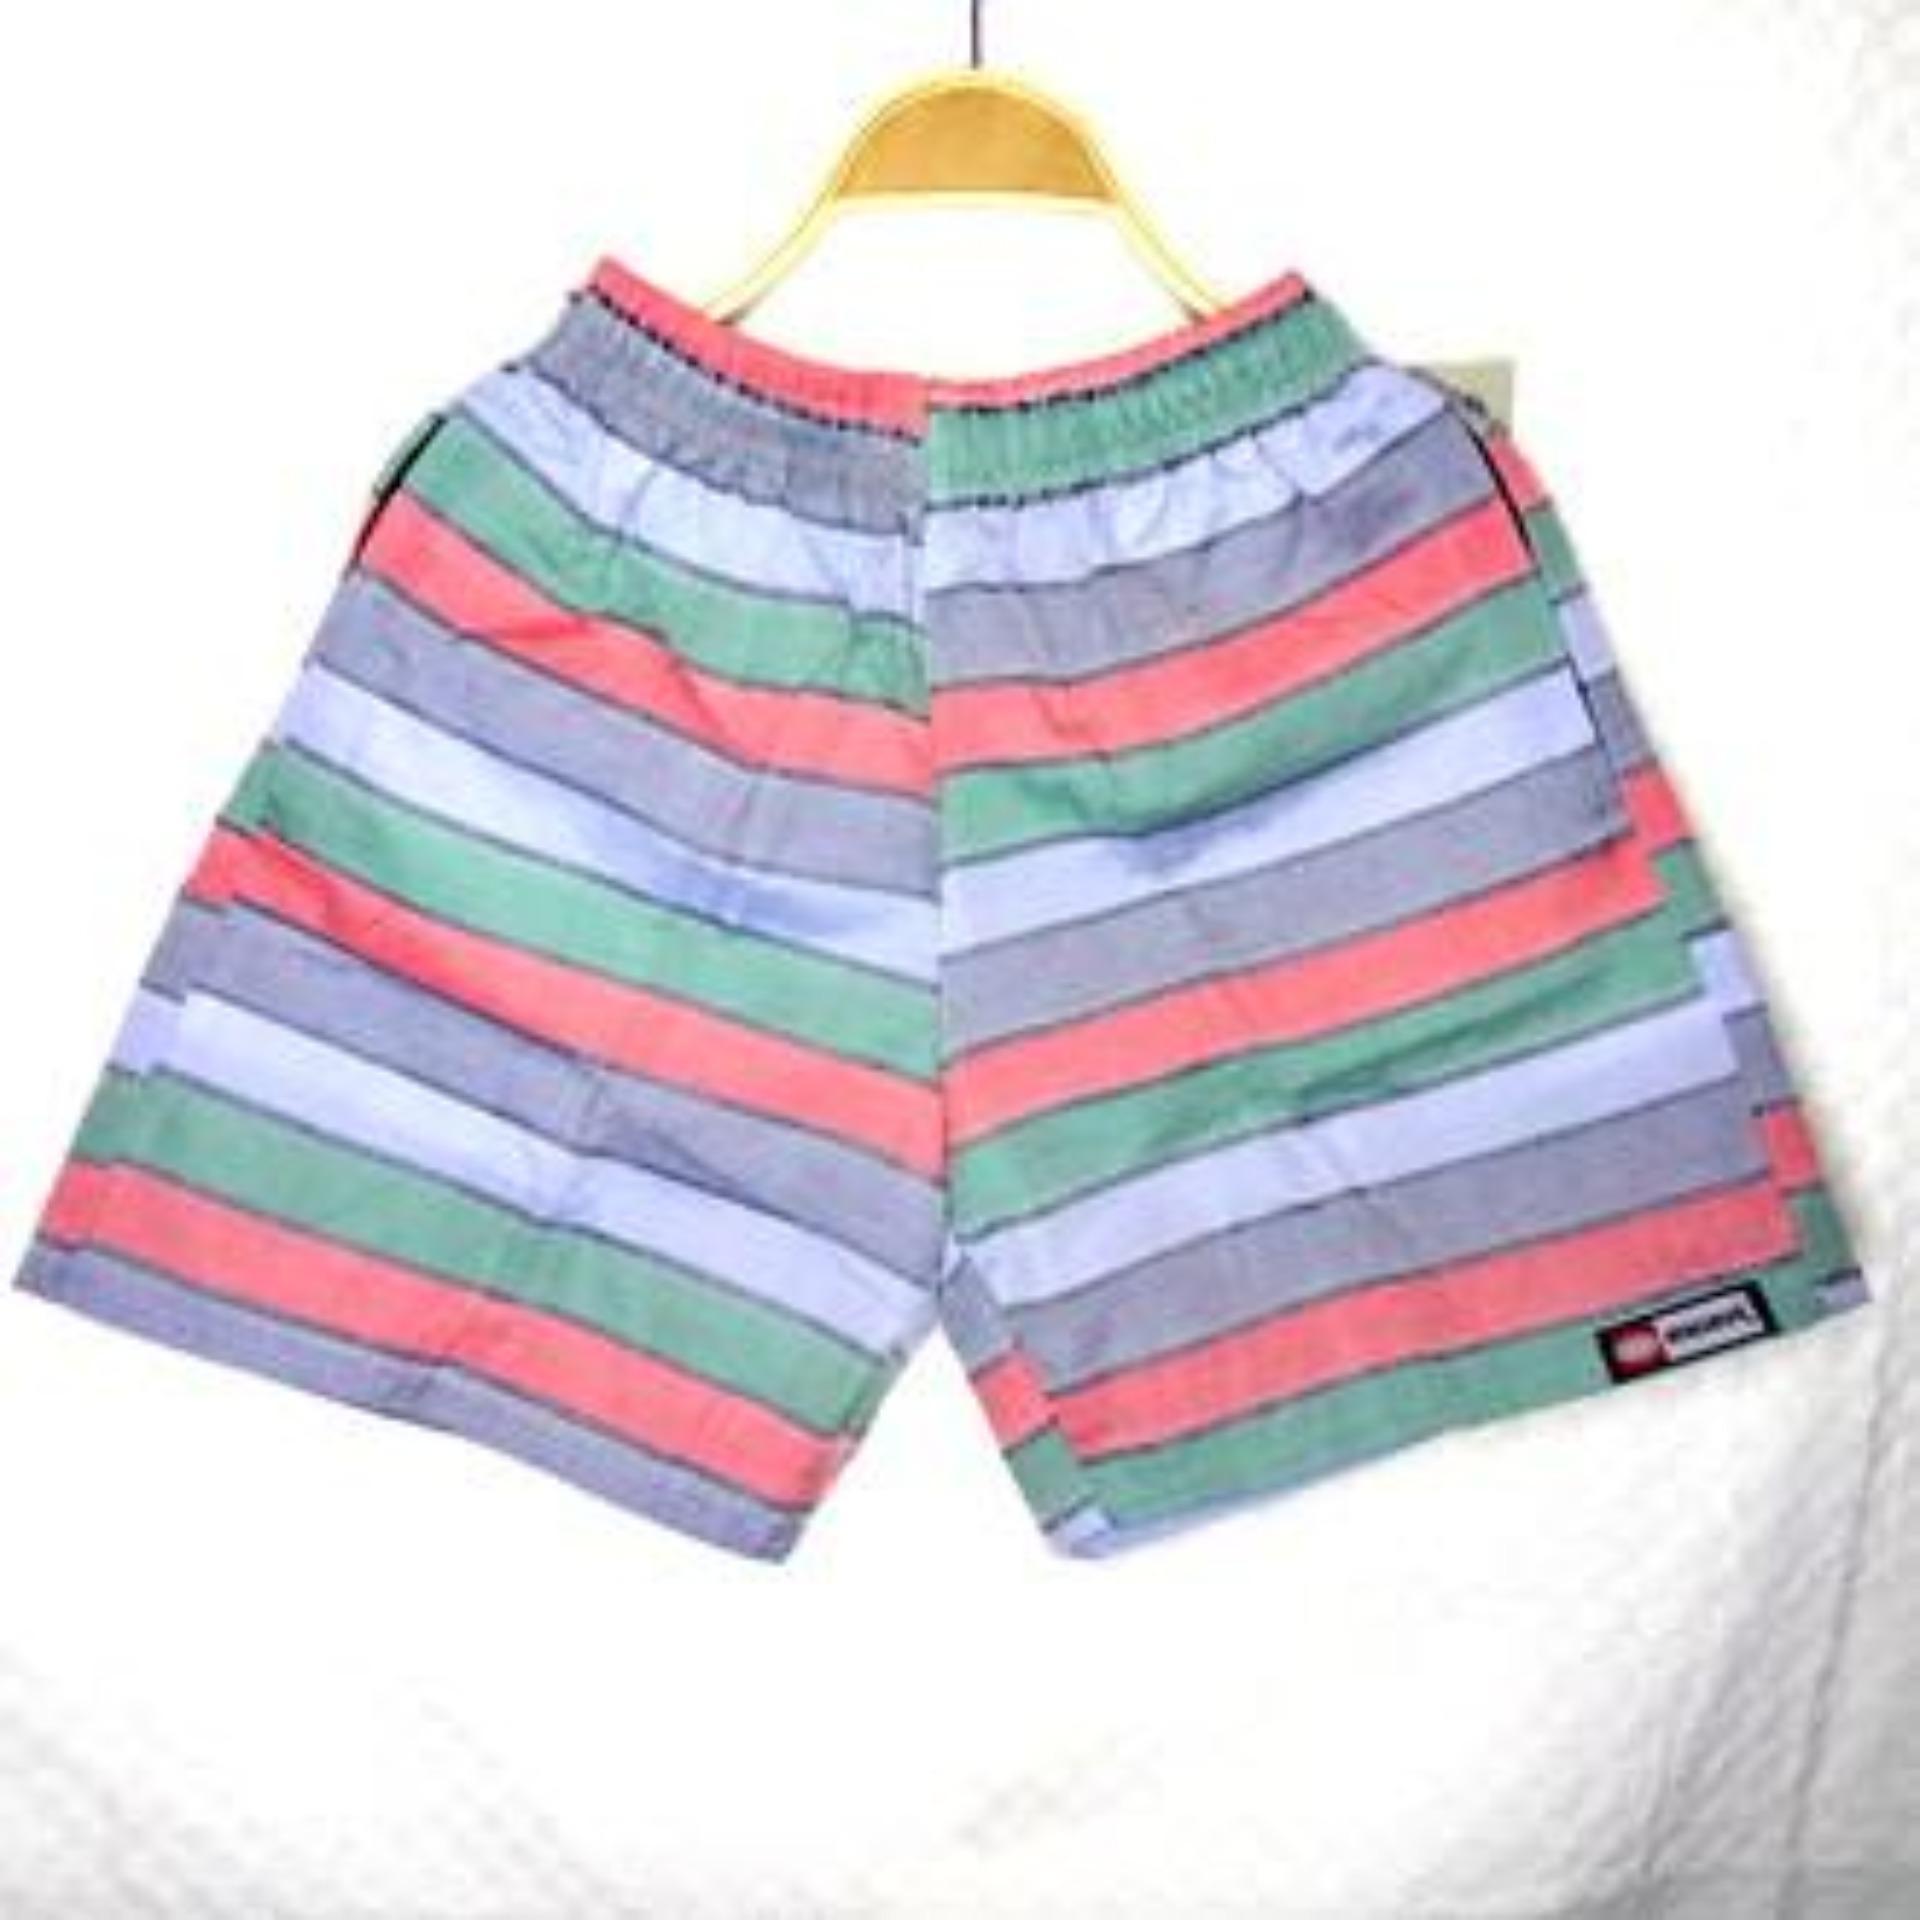 Hot pants / Celana pendek wanita / Celana tidur wanita &Hot pants Pria